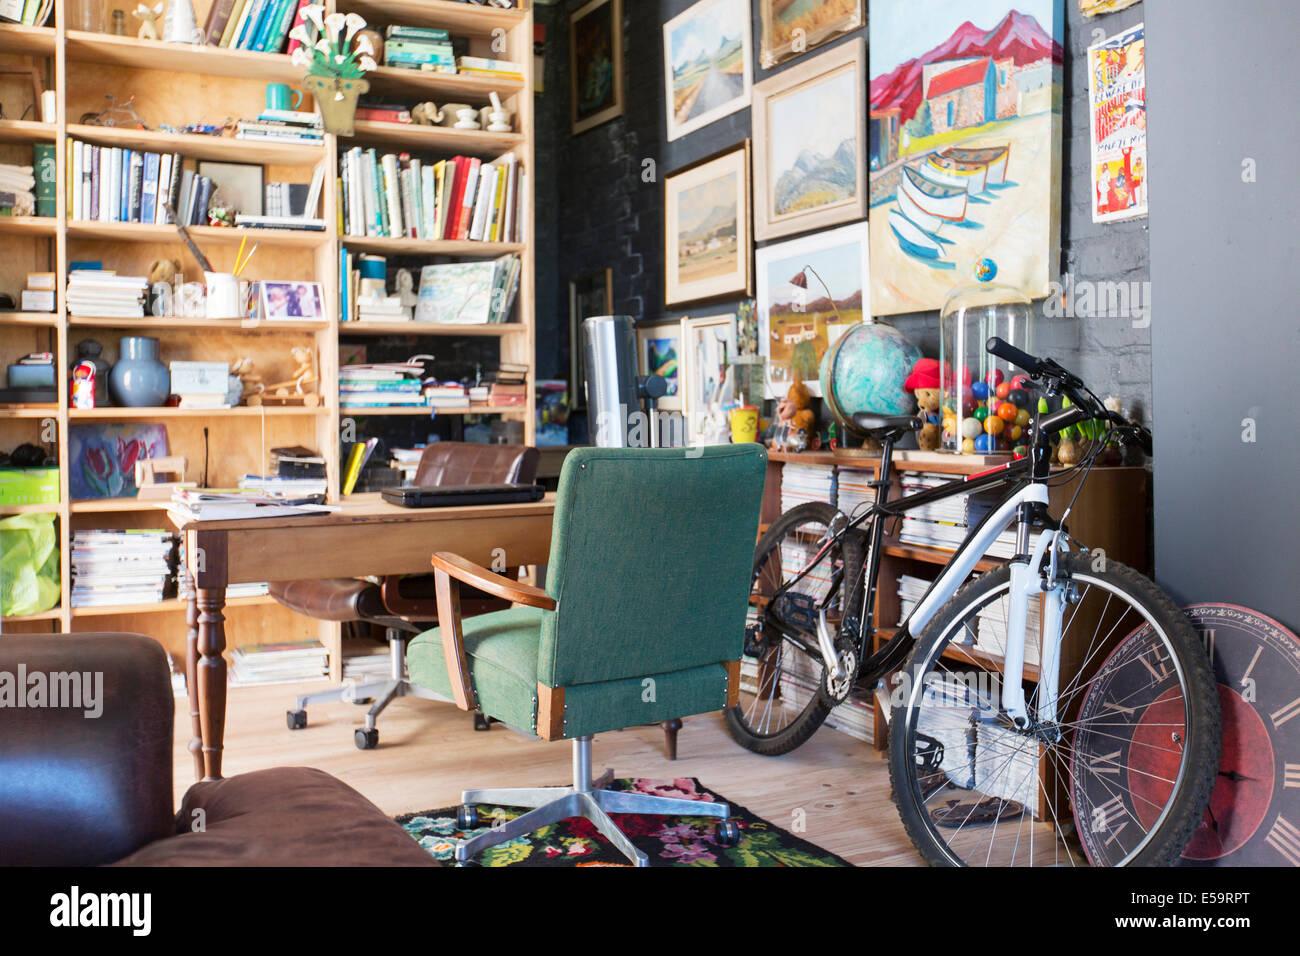 Scrivania, librerie e bicicletta in studio Immagini Stock